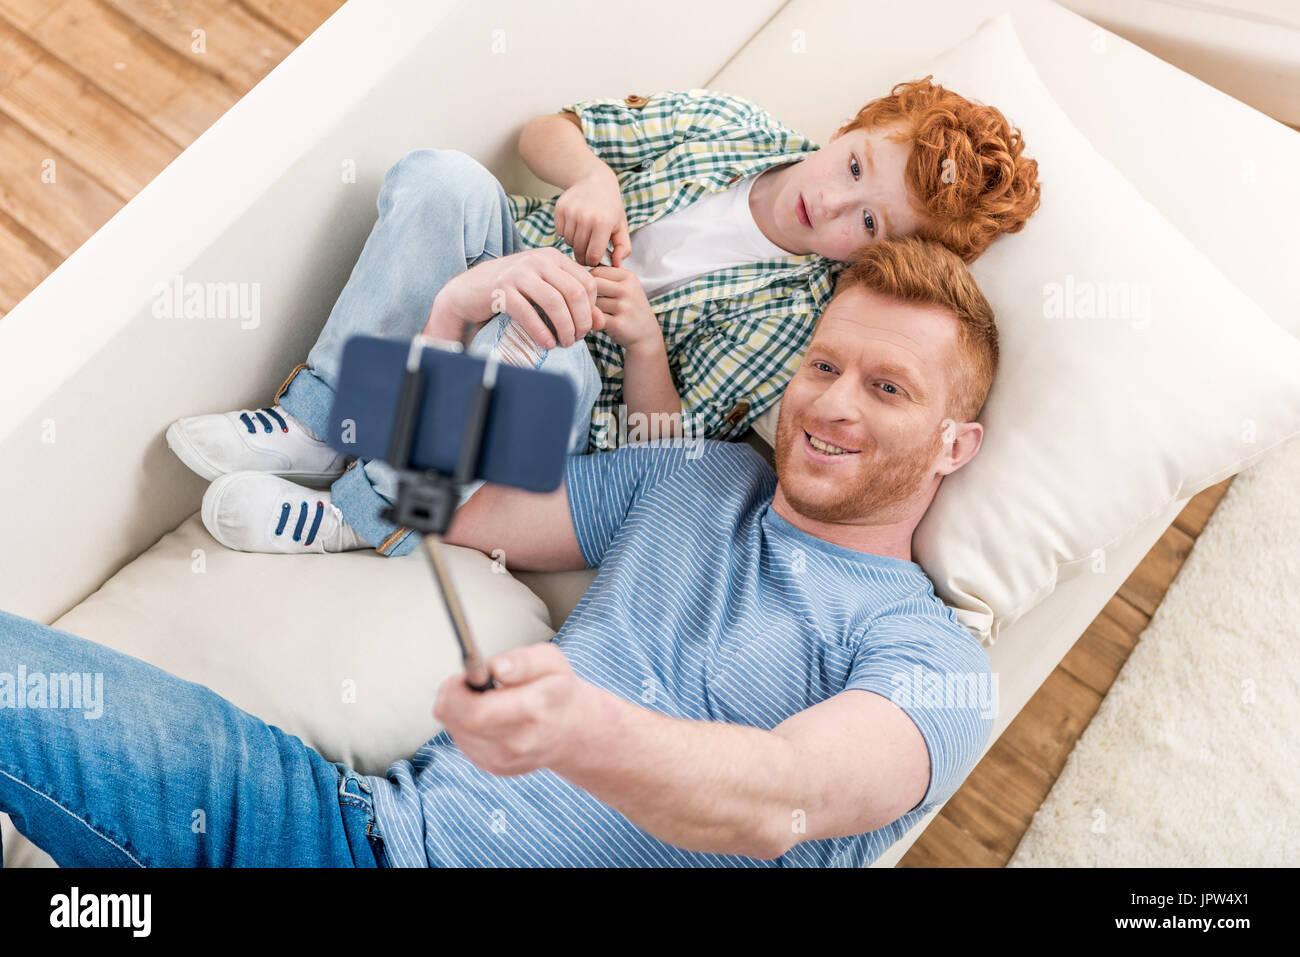 Lächelnd, Vater und Sohn liegen auf Sofa und nehmen Selfie mit Smartphone, Spaß für die Familie zu Hause Konzept Stockbild